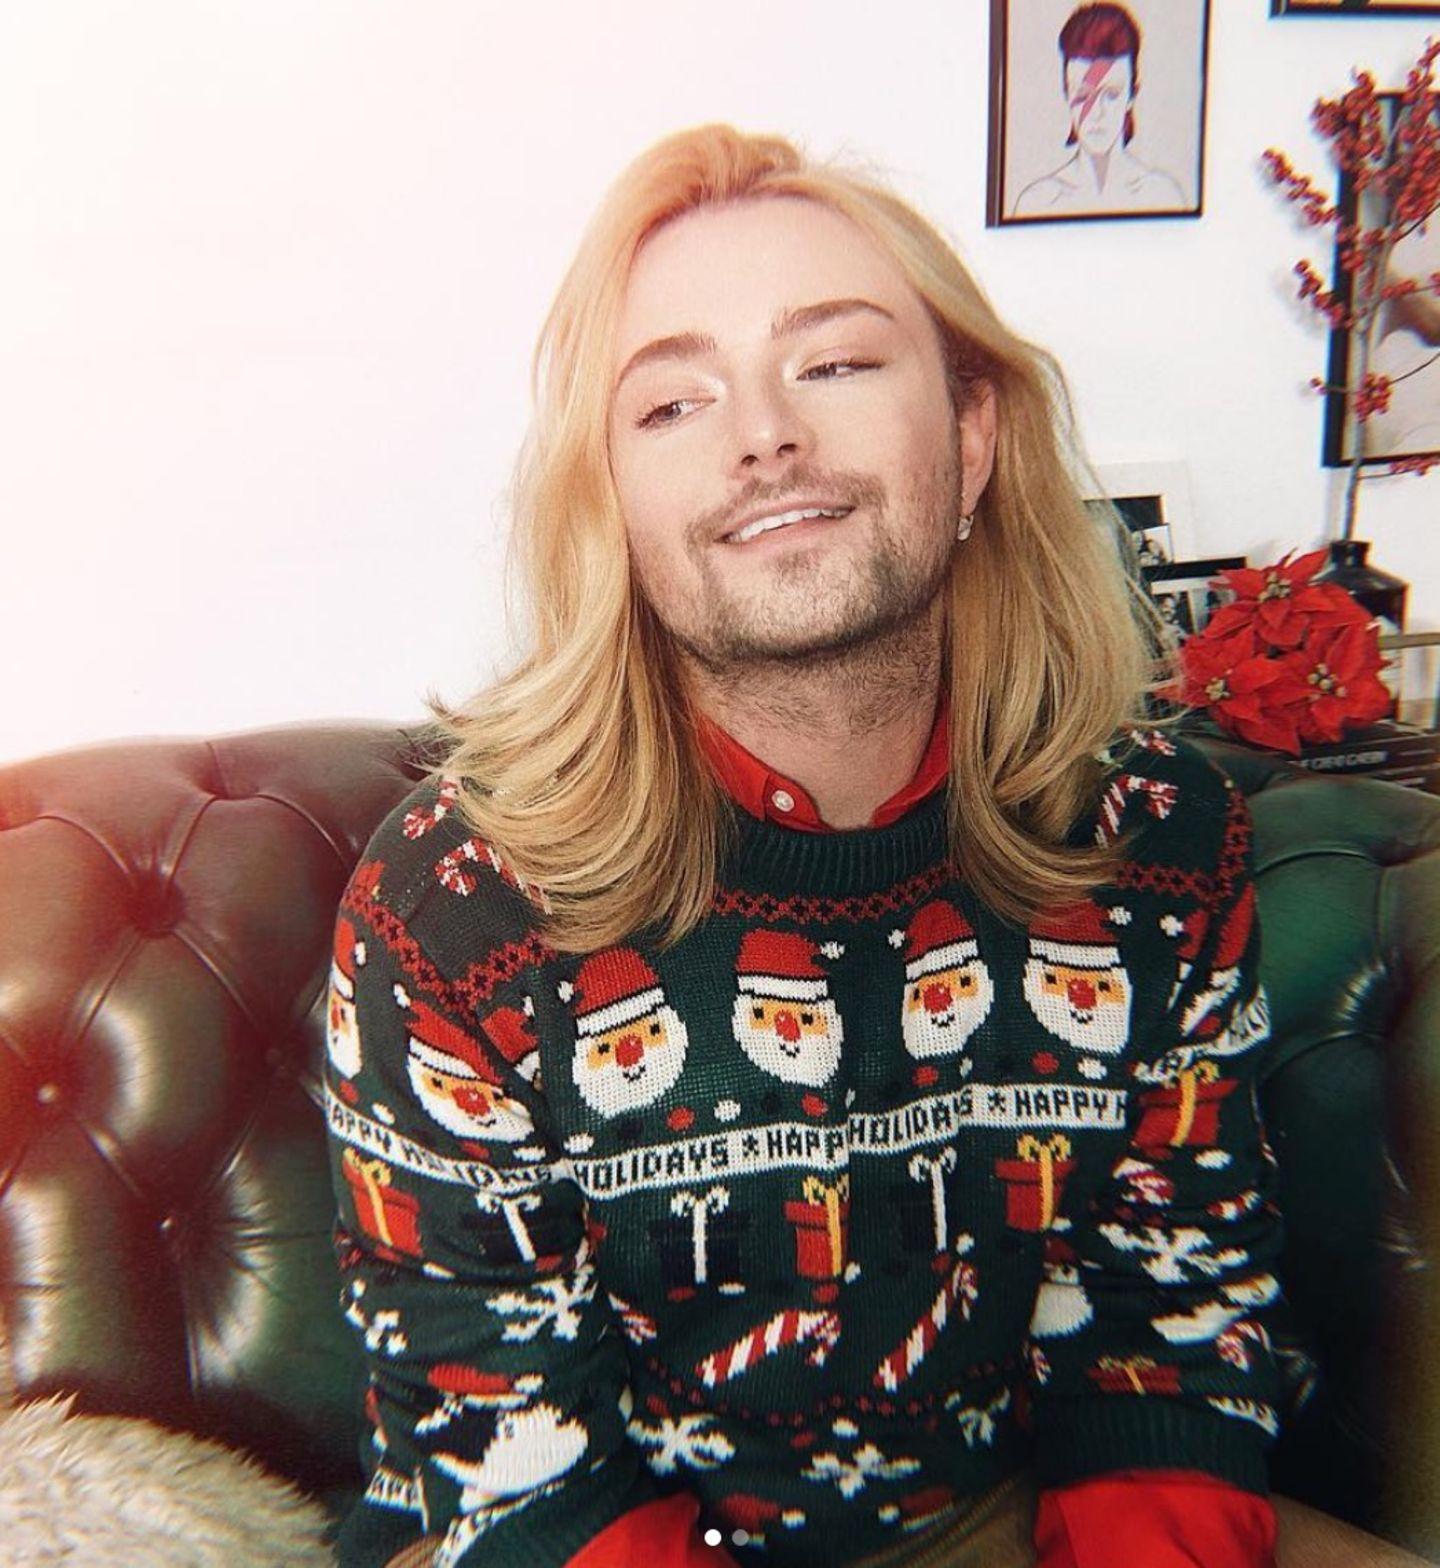 ... So trägt Jack Strify an einem anderen Tag ein grünes Modell. Welchen Christmas-Look er sich wohl für den 24. Dezember aufhebt?